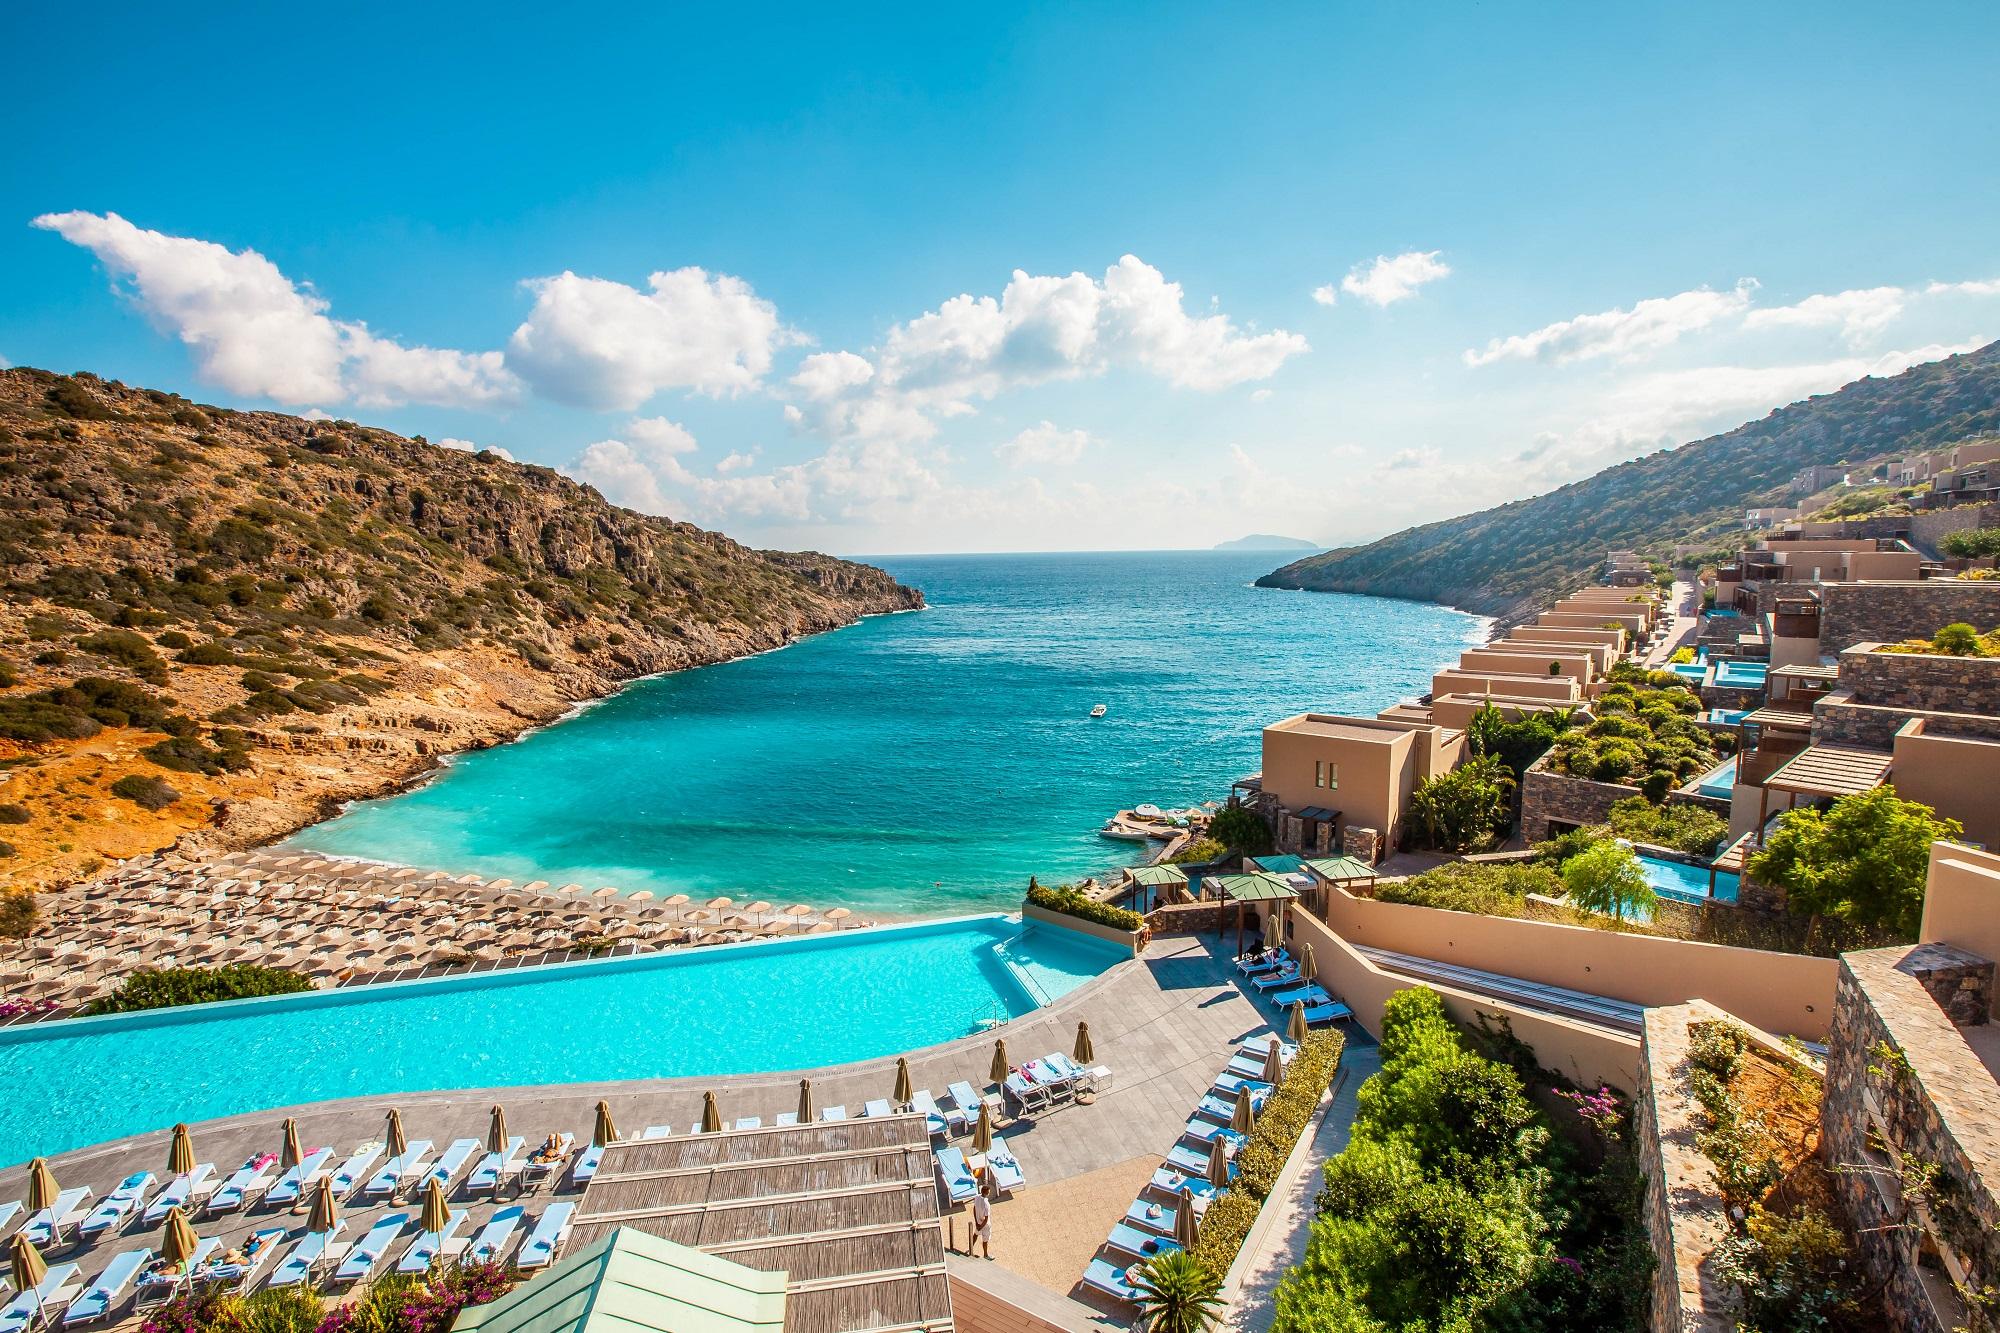 Grčka se priprema za turističku sezonu. Da li će se granice otvoriti 14. maja?